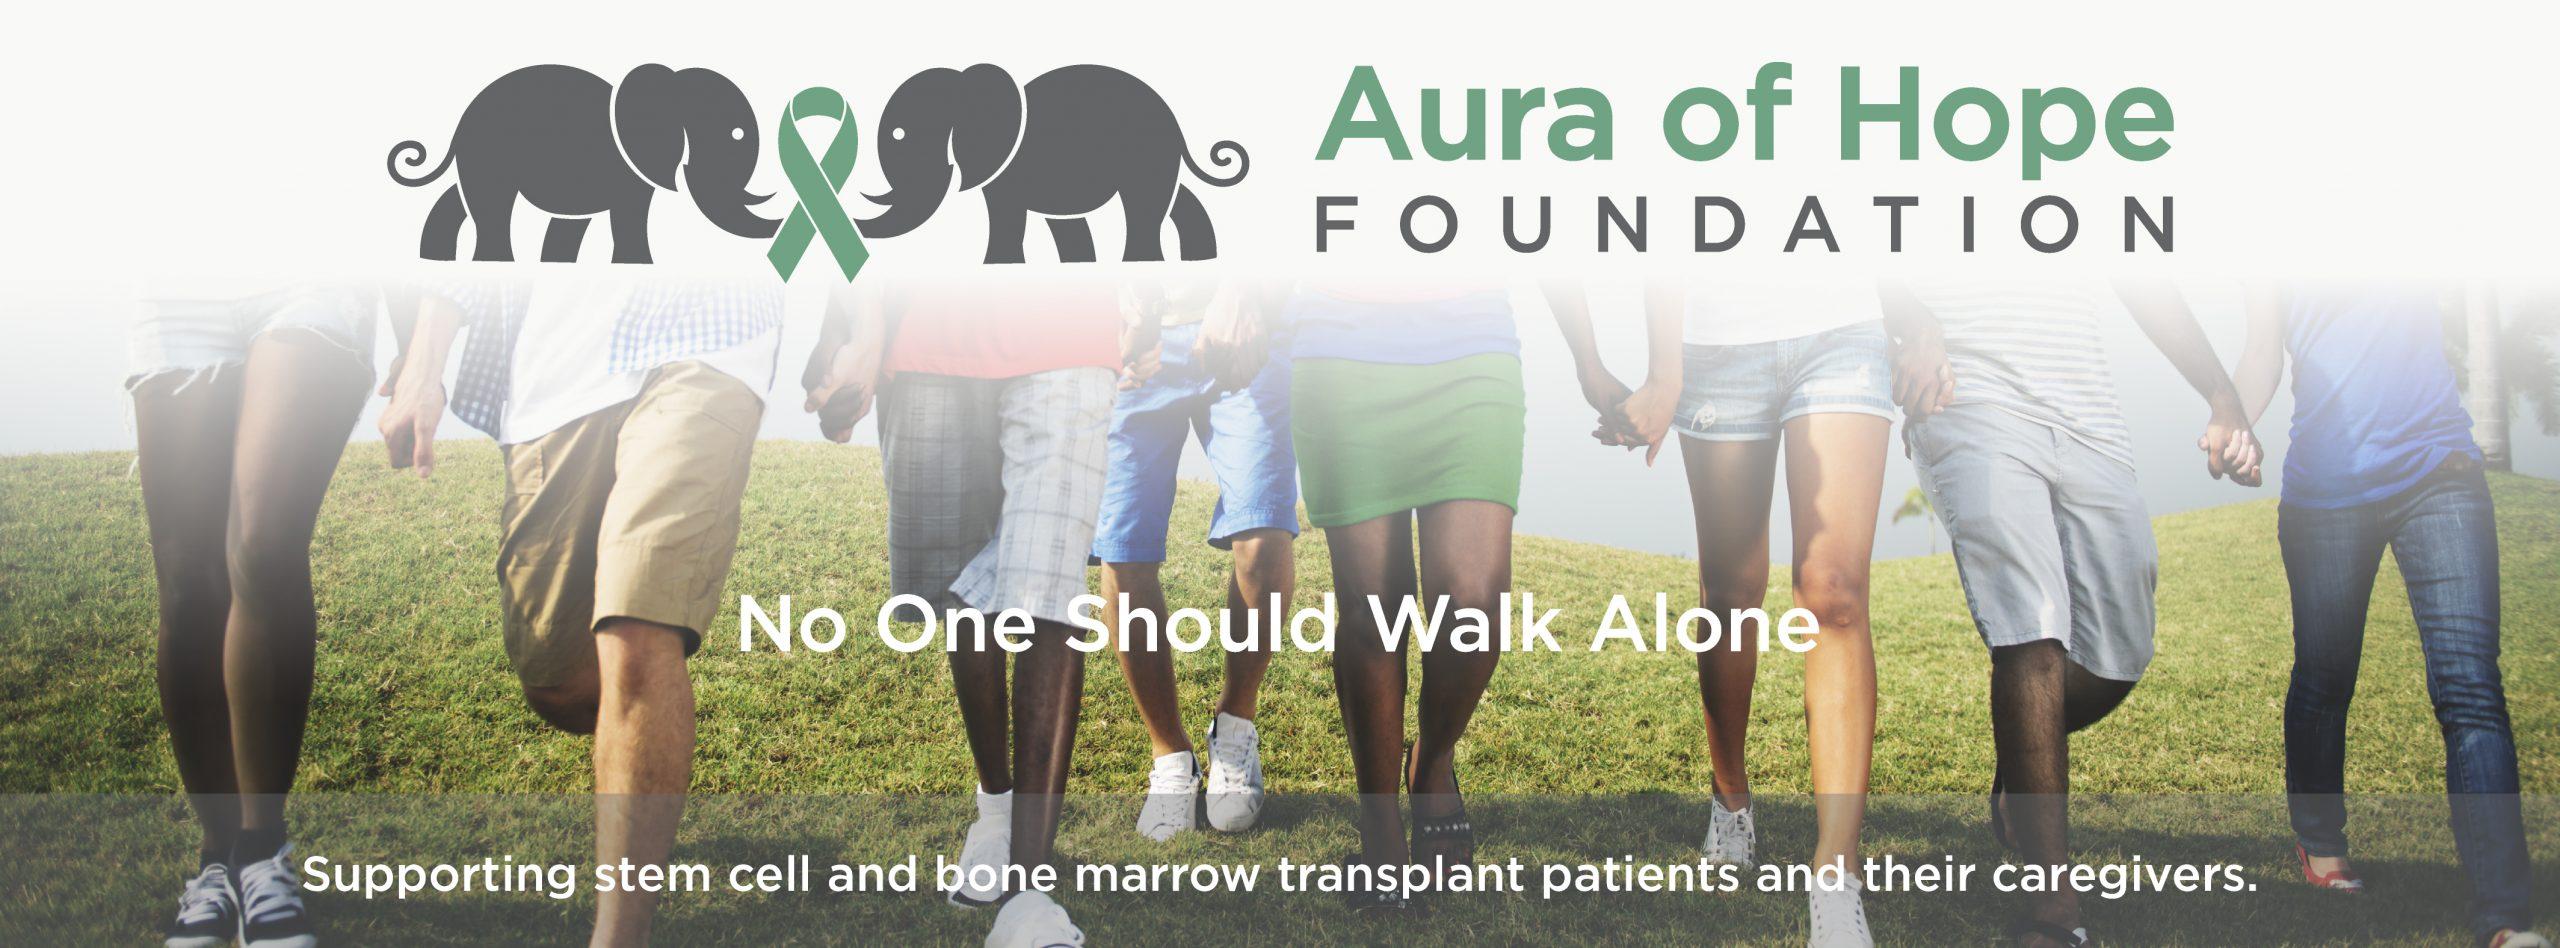 Aura of Hope banner